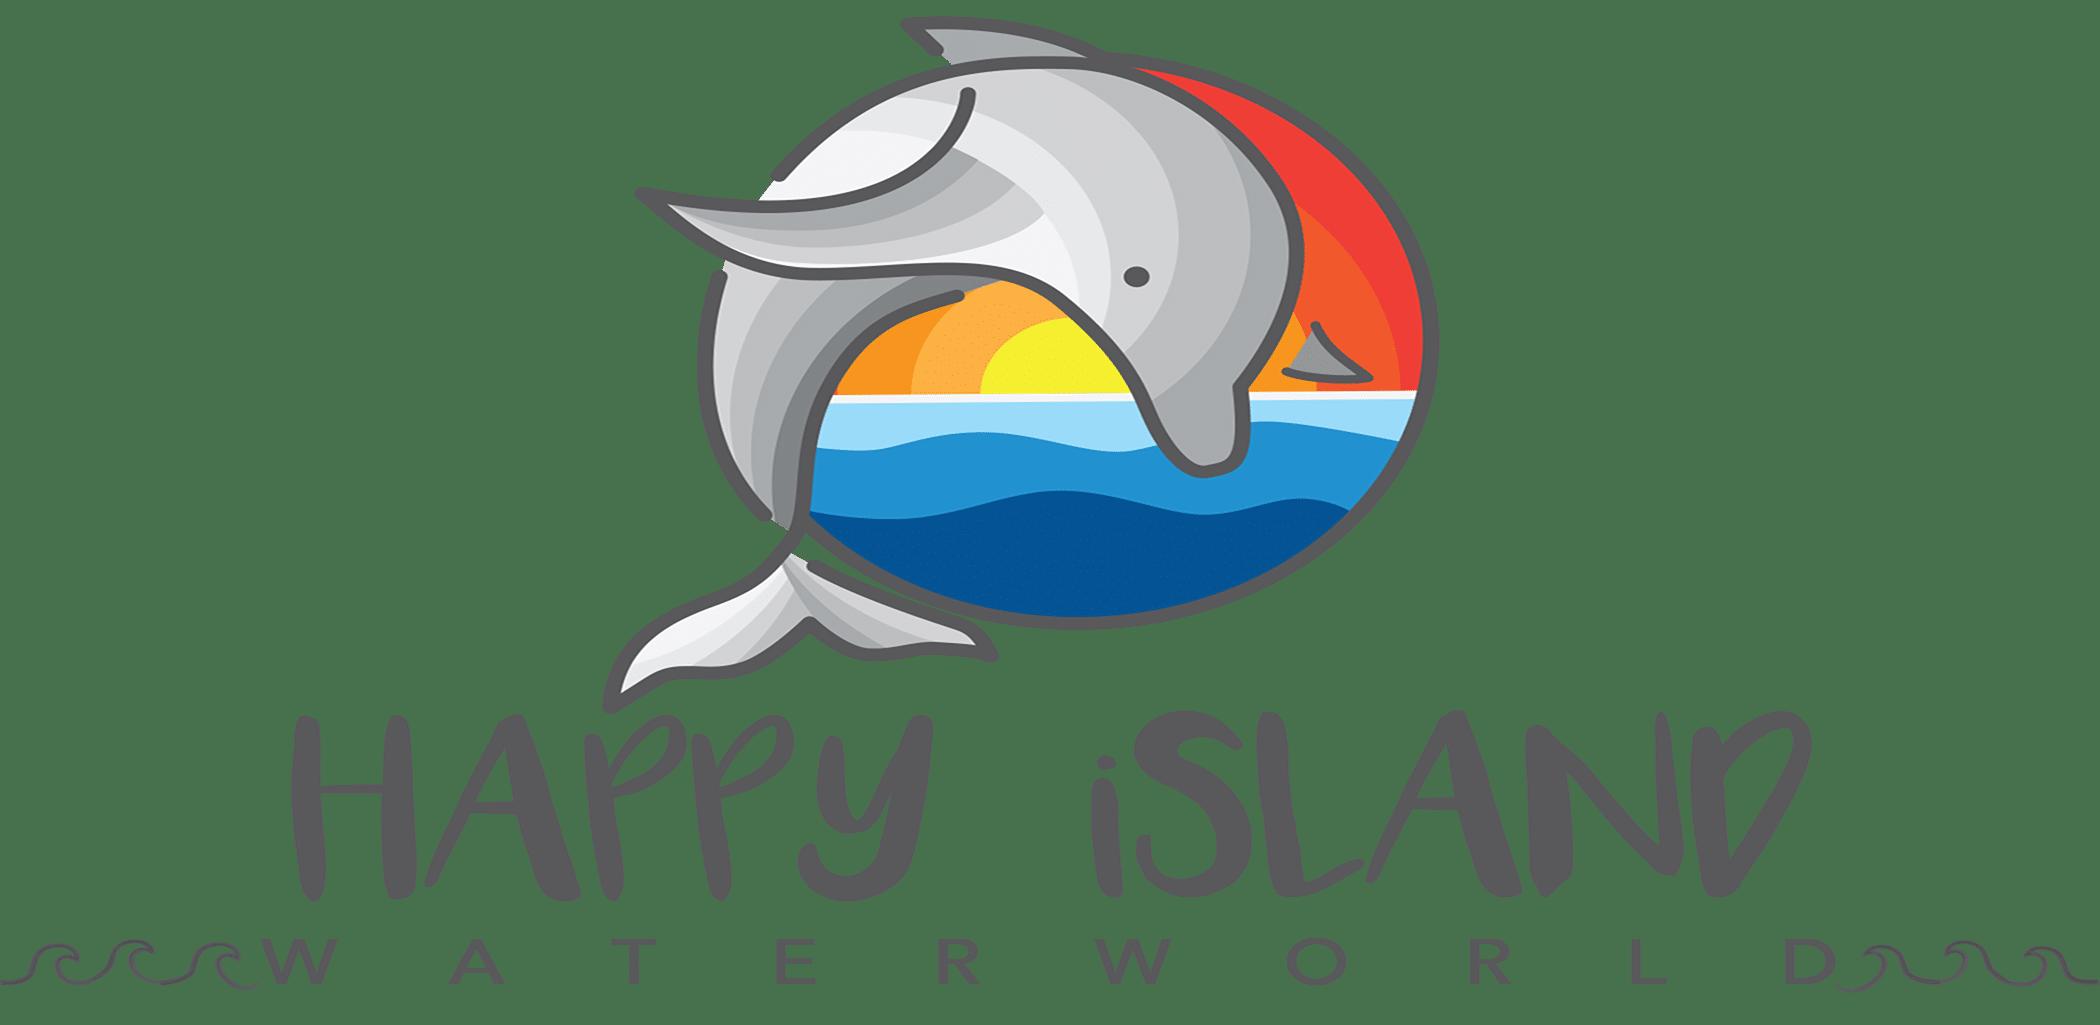 HappyIsland-logo-1.png